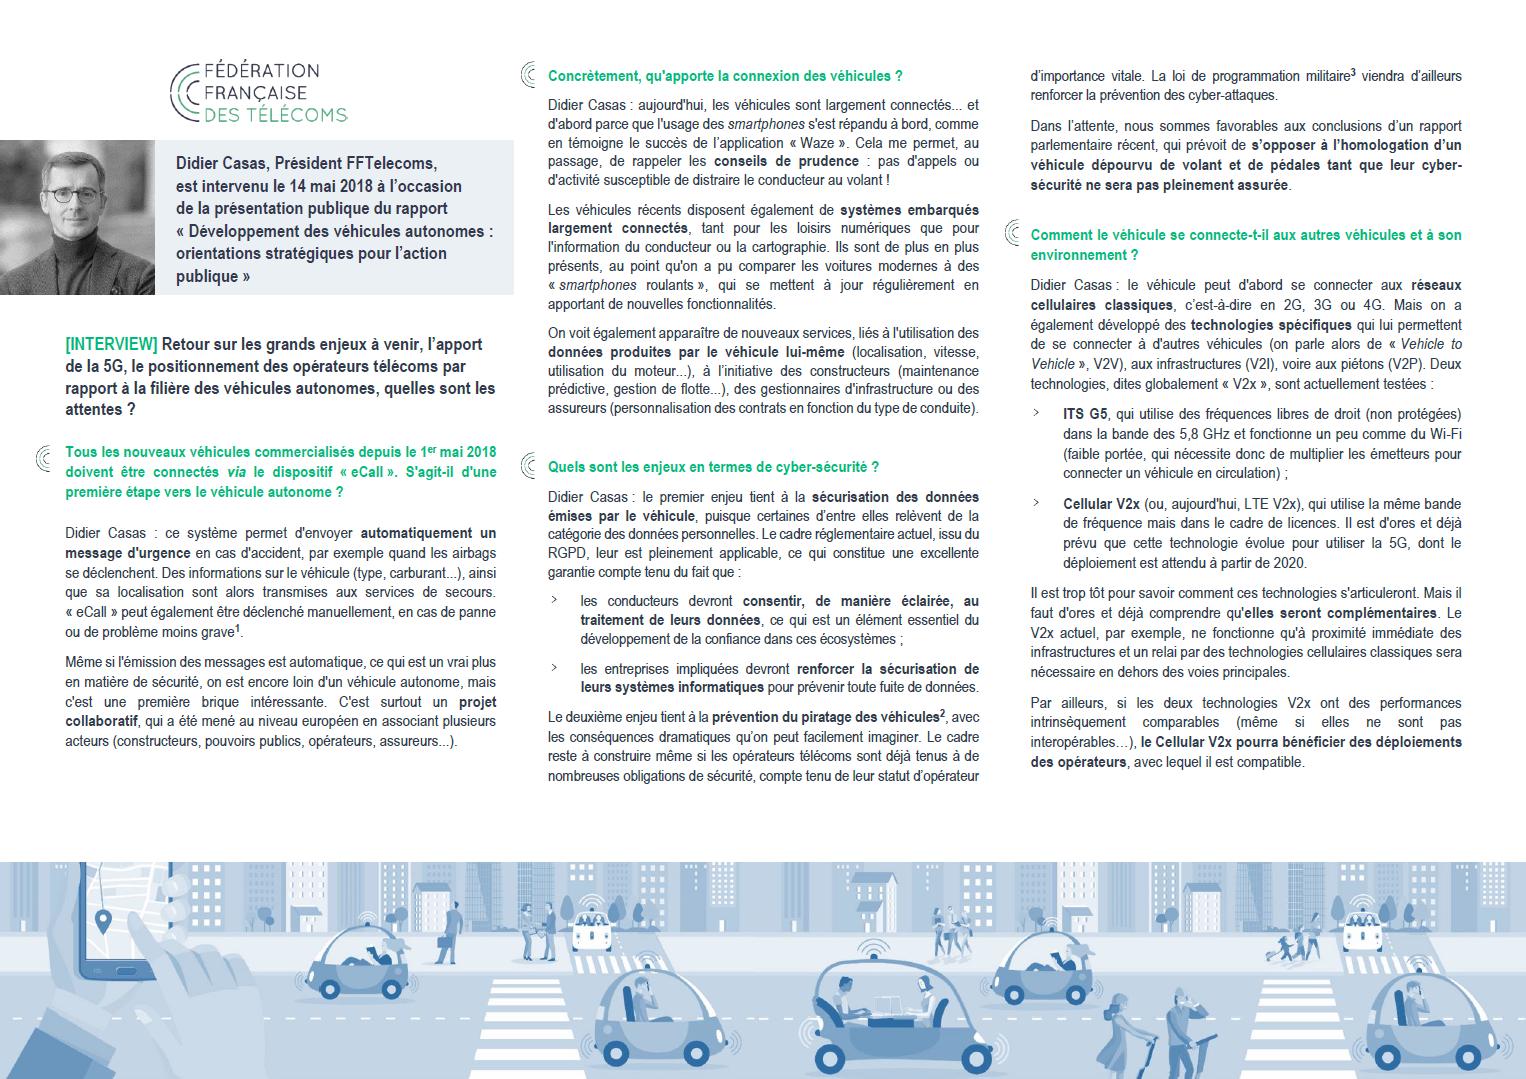 Véhicules autonomes - Interview Didier Casas (page 1) - Fédération ... Véhicules autonomes – Interview Didier Casas (page 1)